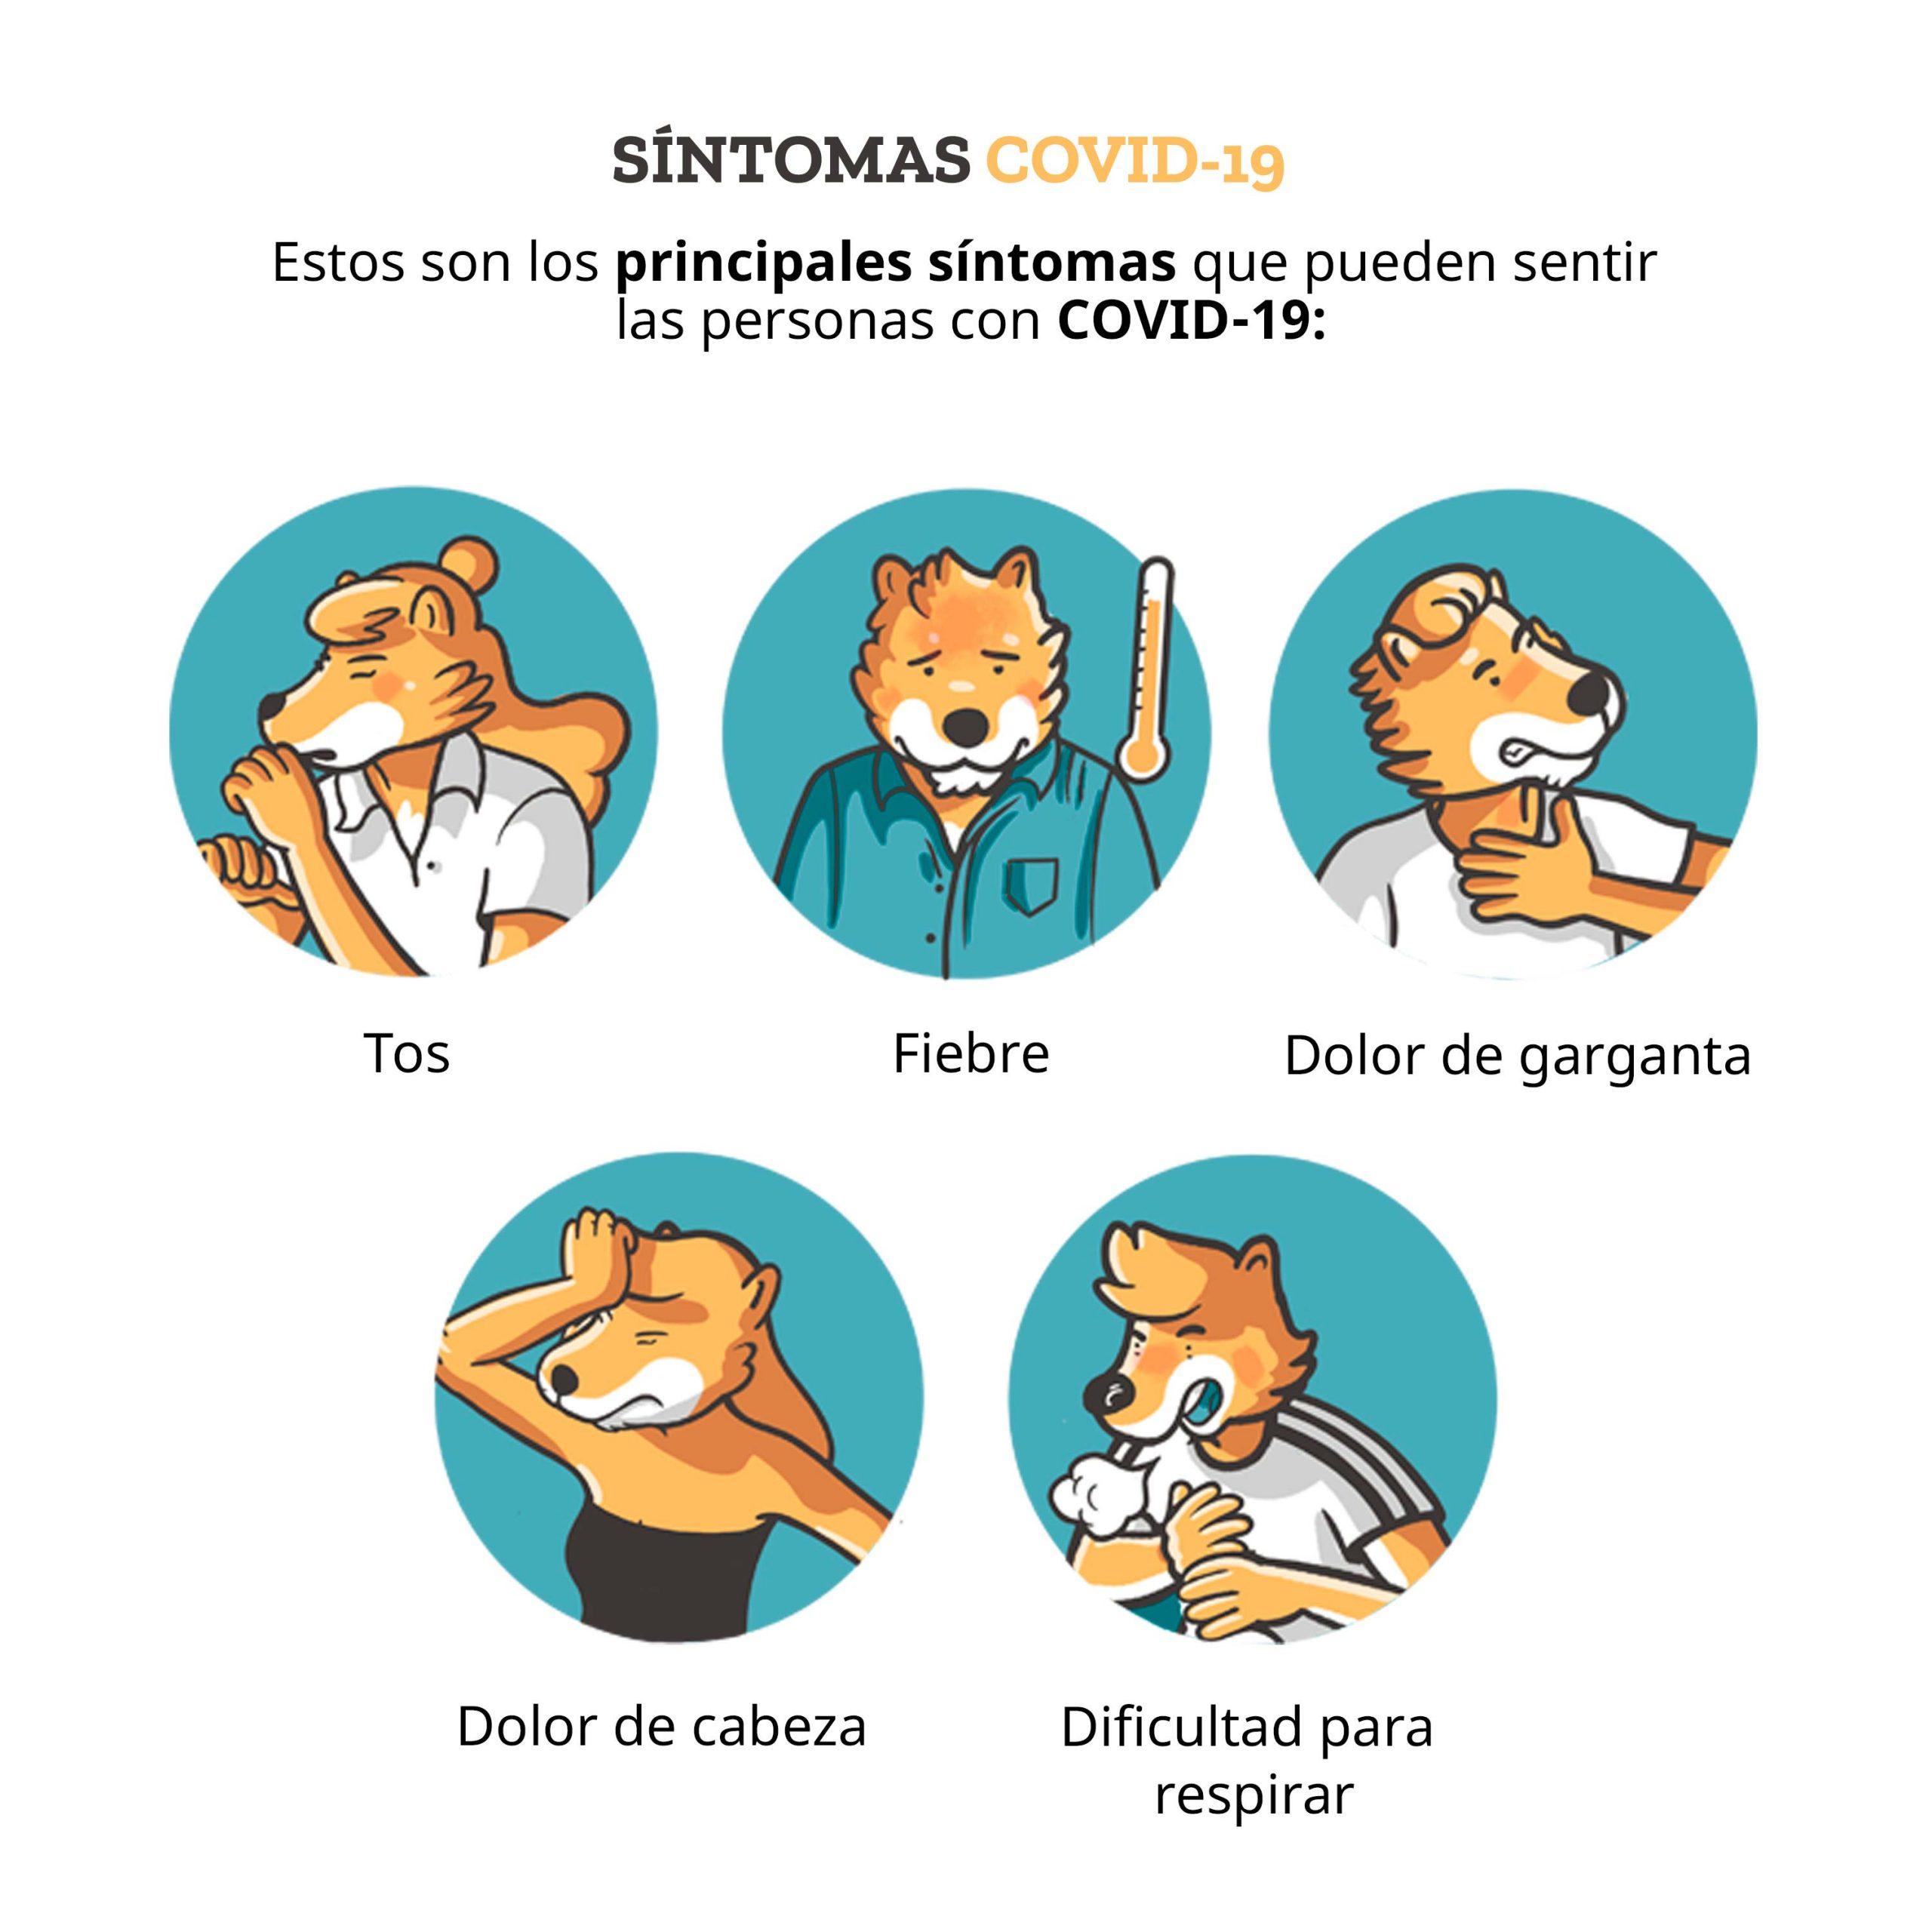 infografia sintomas coronavirus